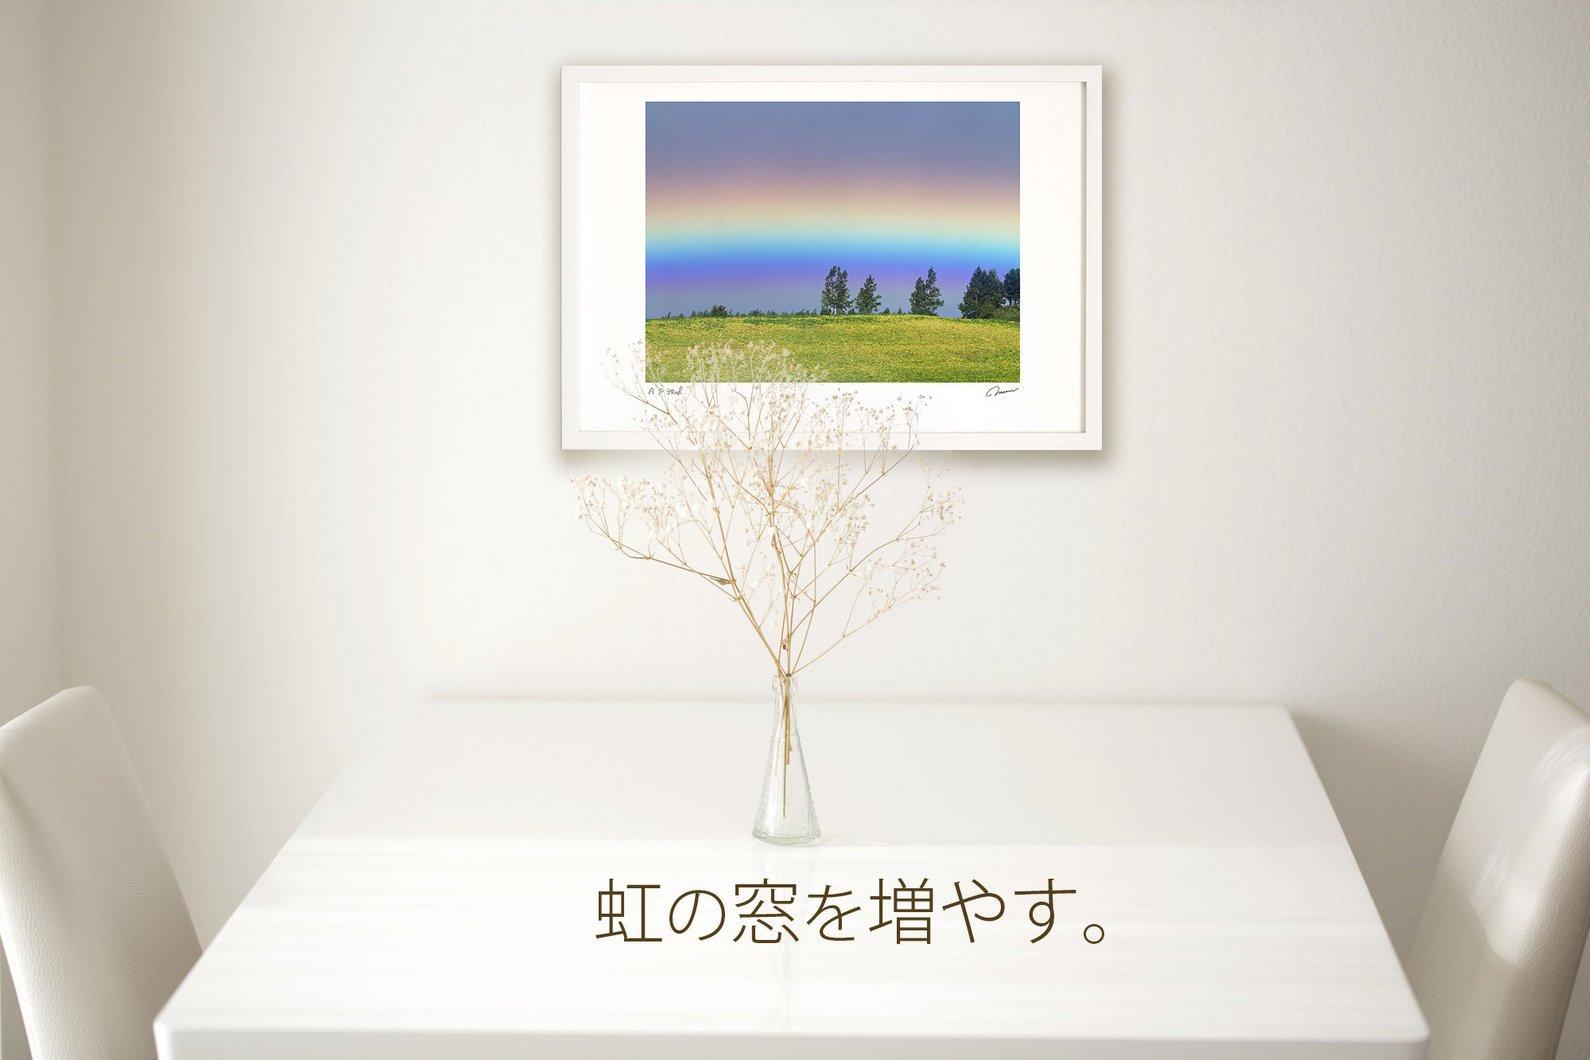 《アートフォト》【ベスト】夕日のクリスマスツリーの木1/美瑛町〔富良野・高橋真澄〕(レンタル対象)